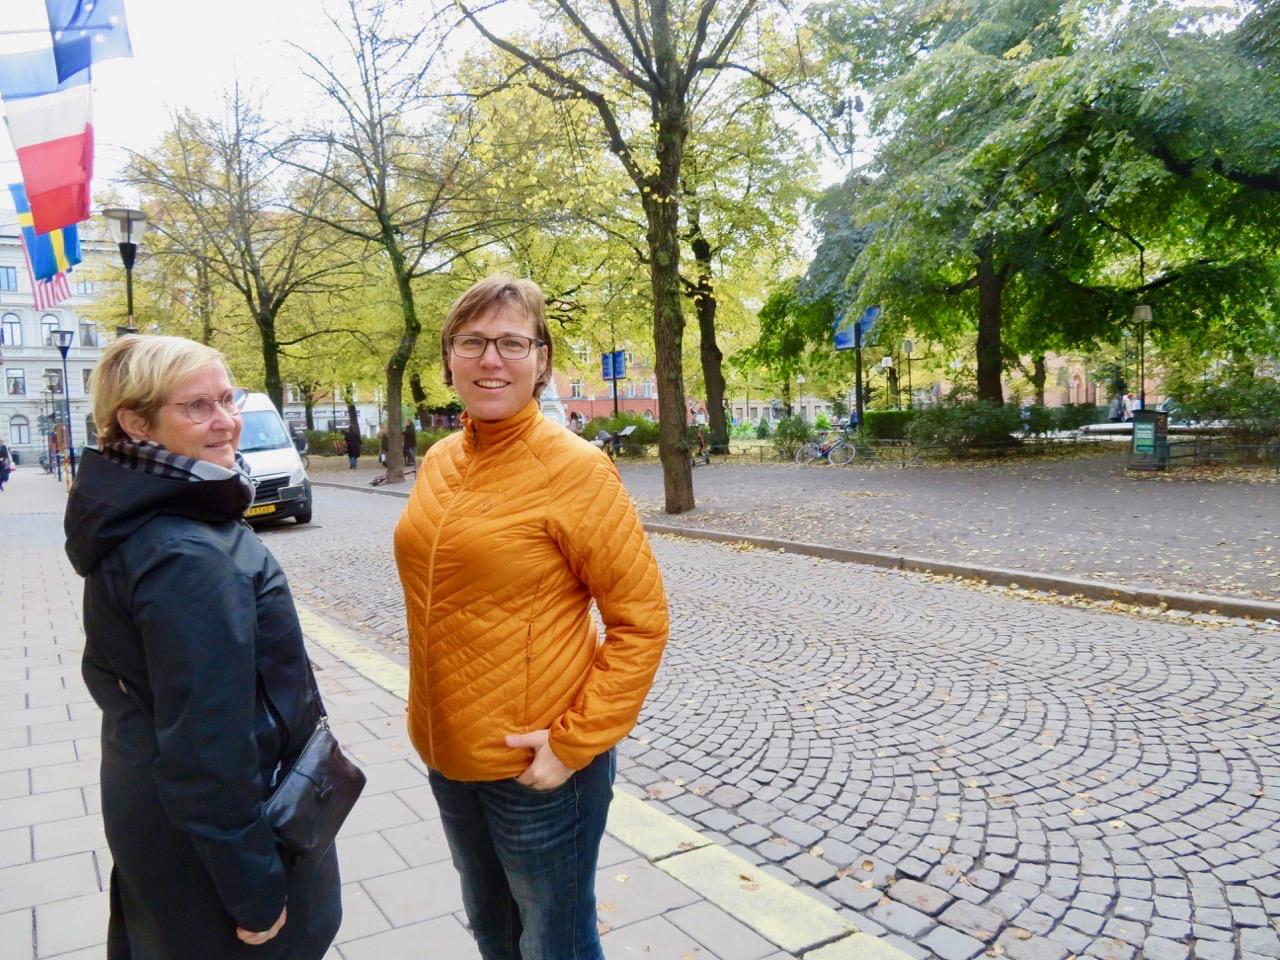 Dags att säga hej då för denna gång. Men min Stockholmsfredag fortsatte .